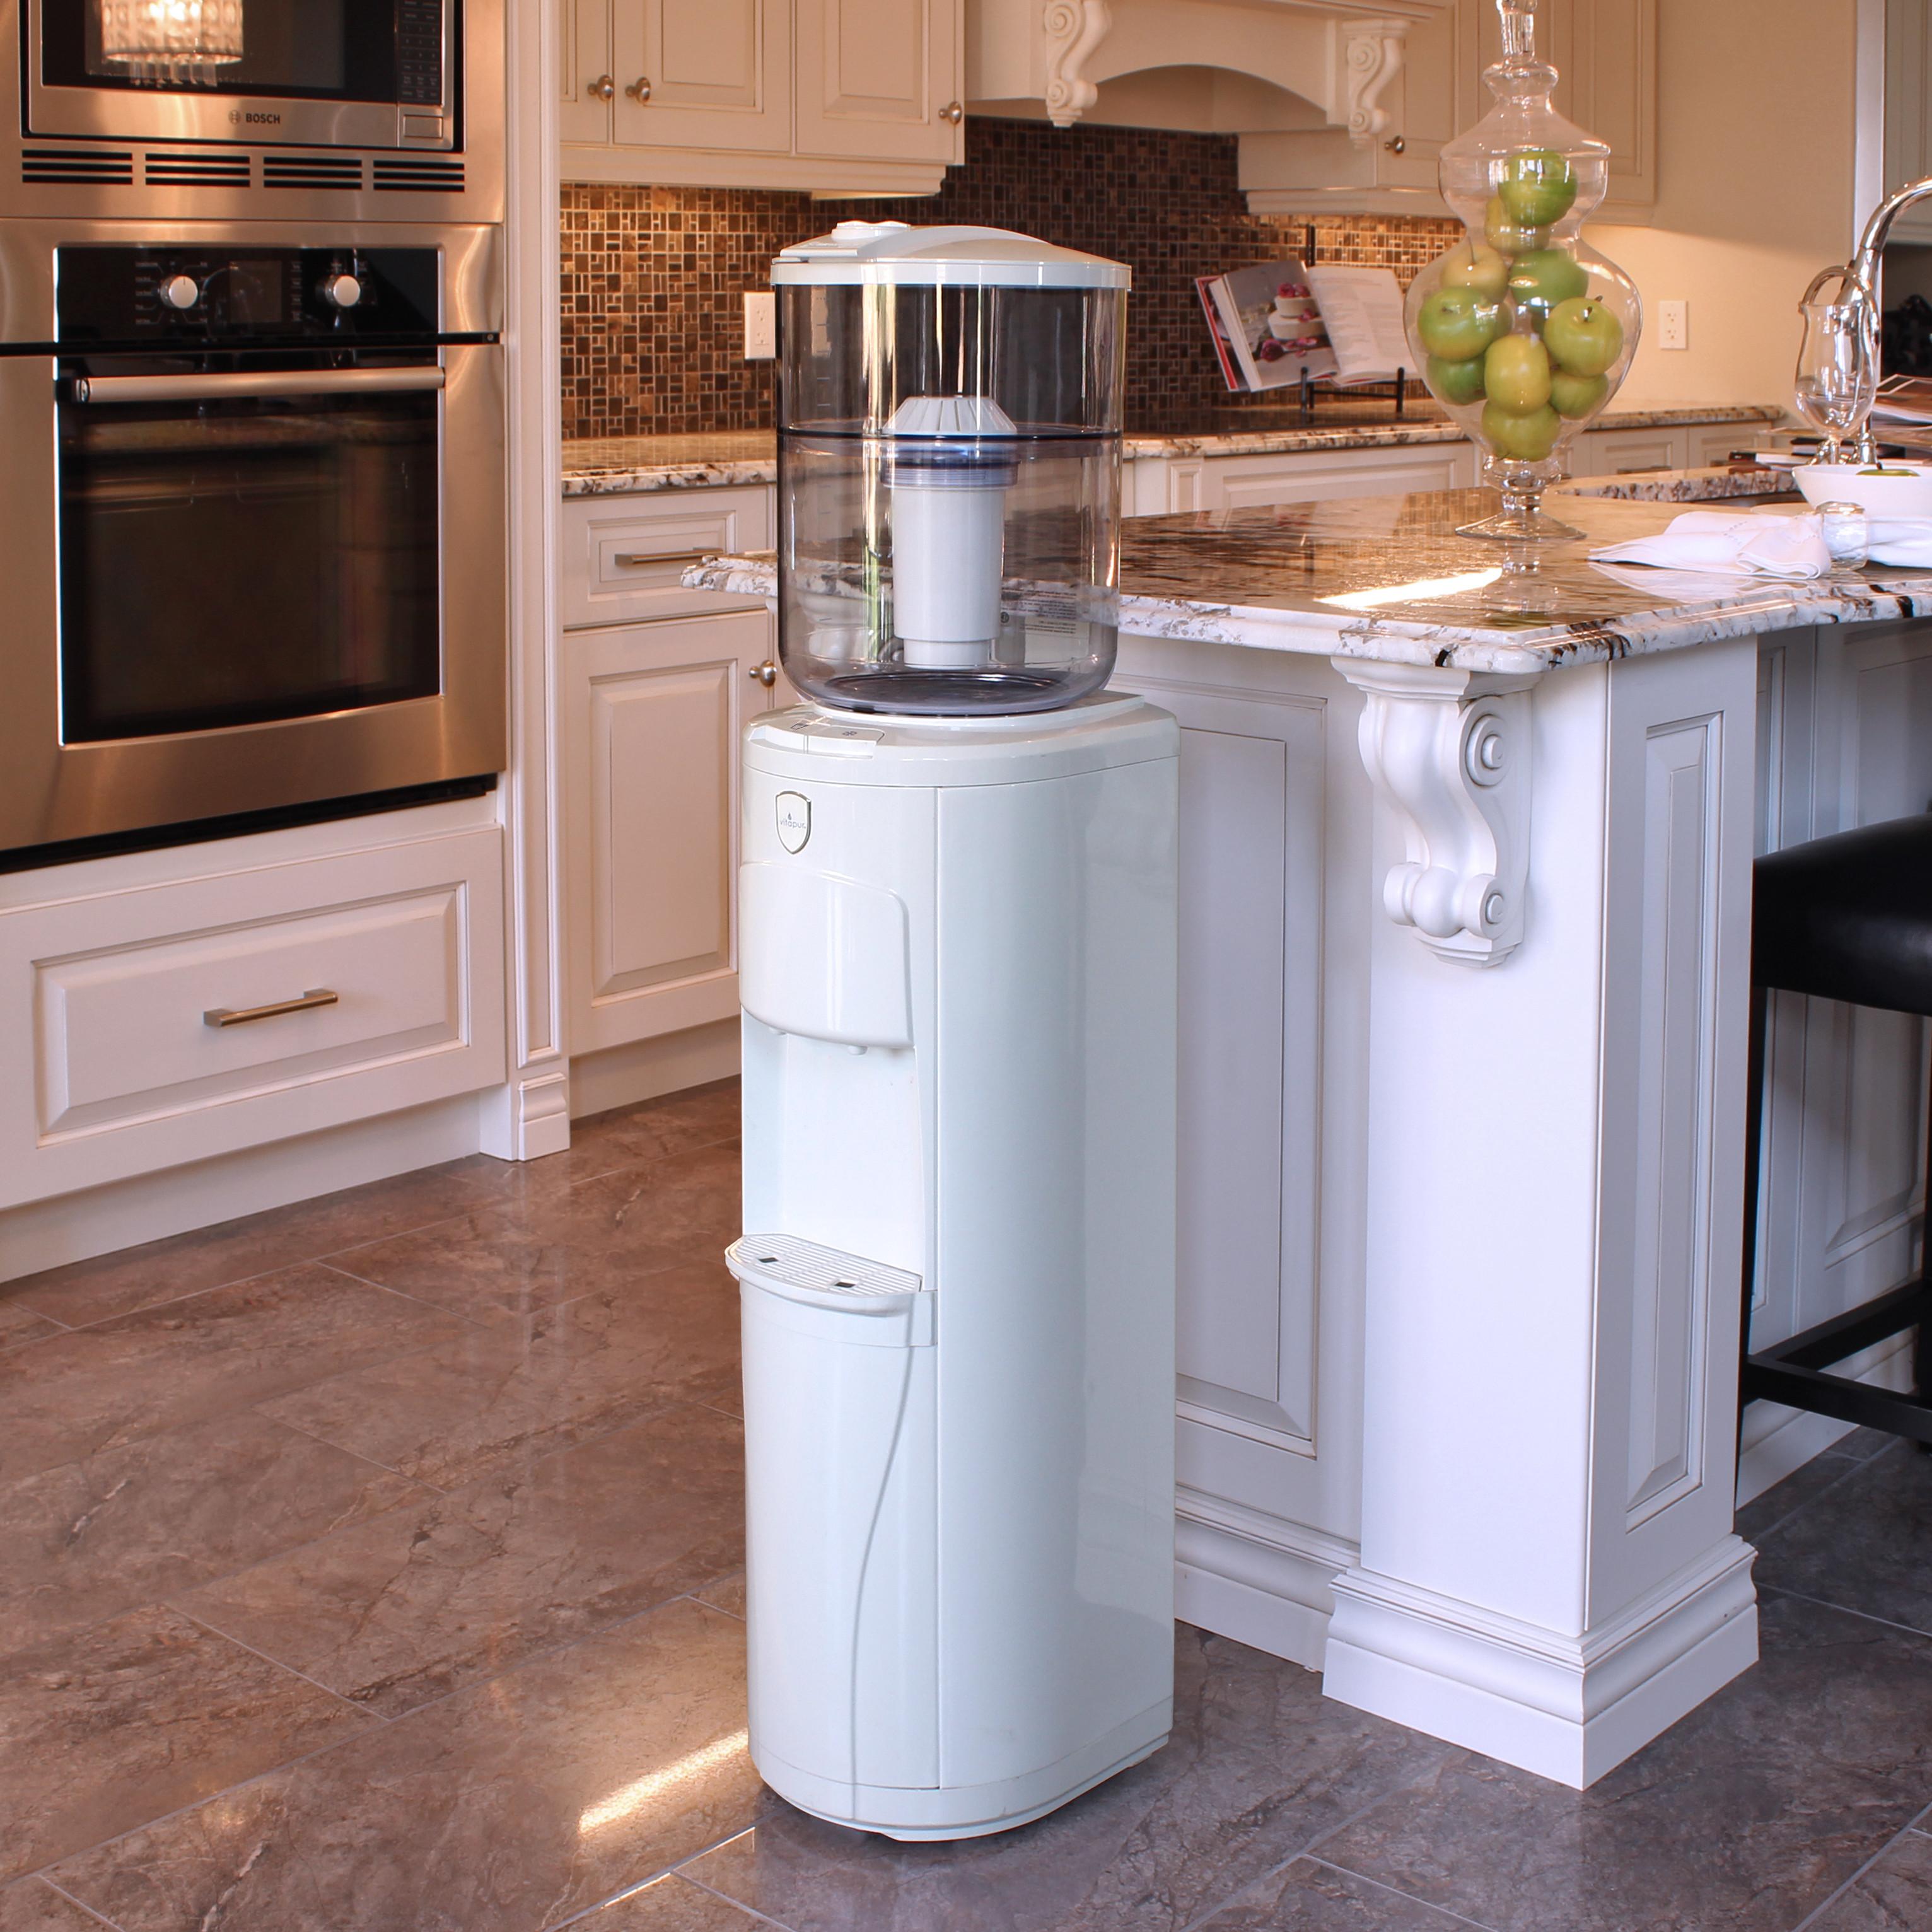 Кулер для холодной воды в интерьере дома